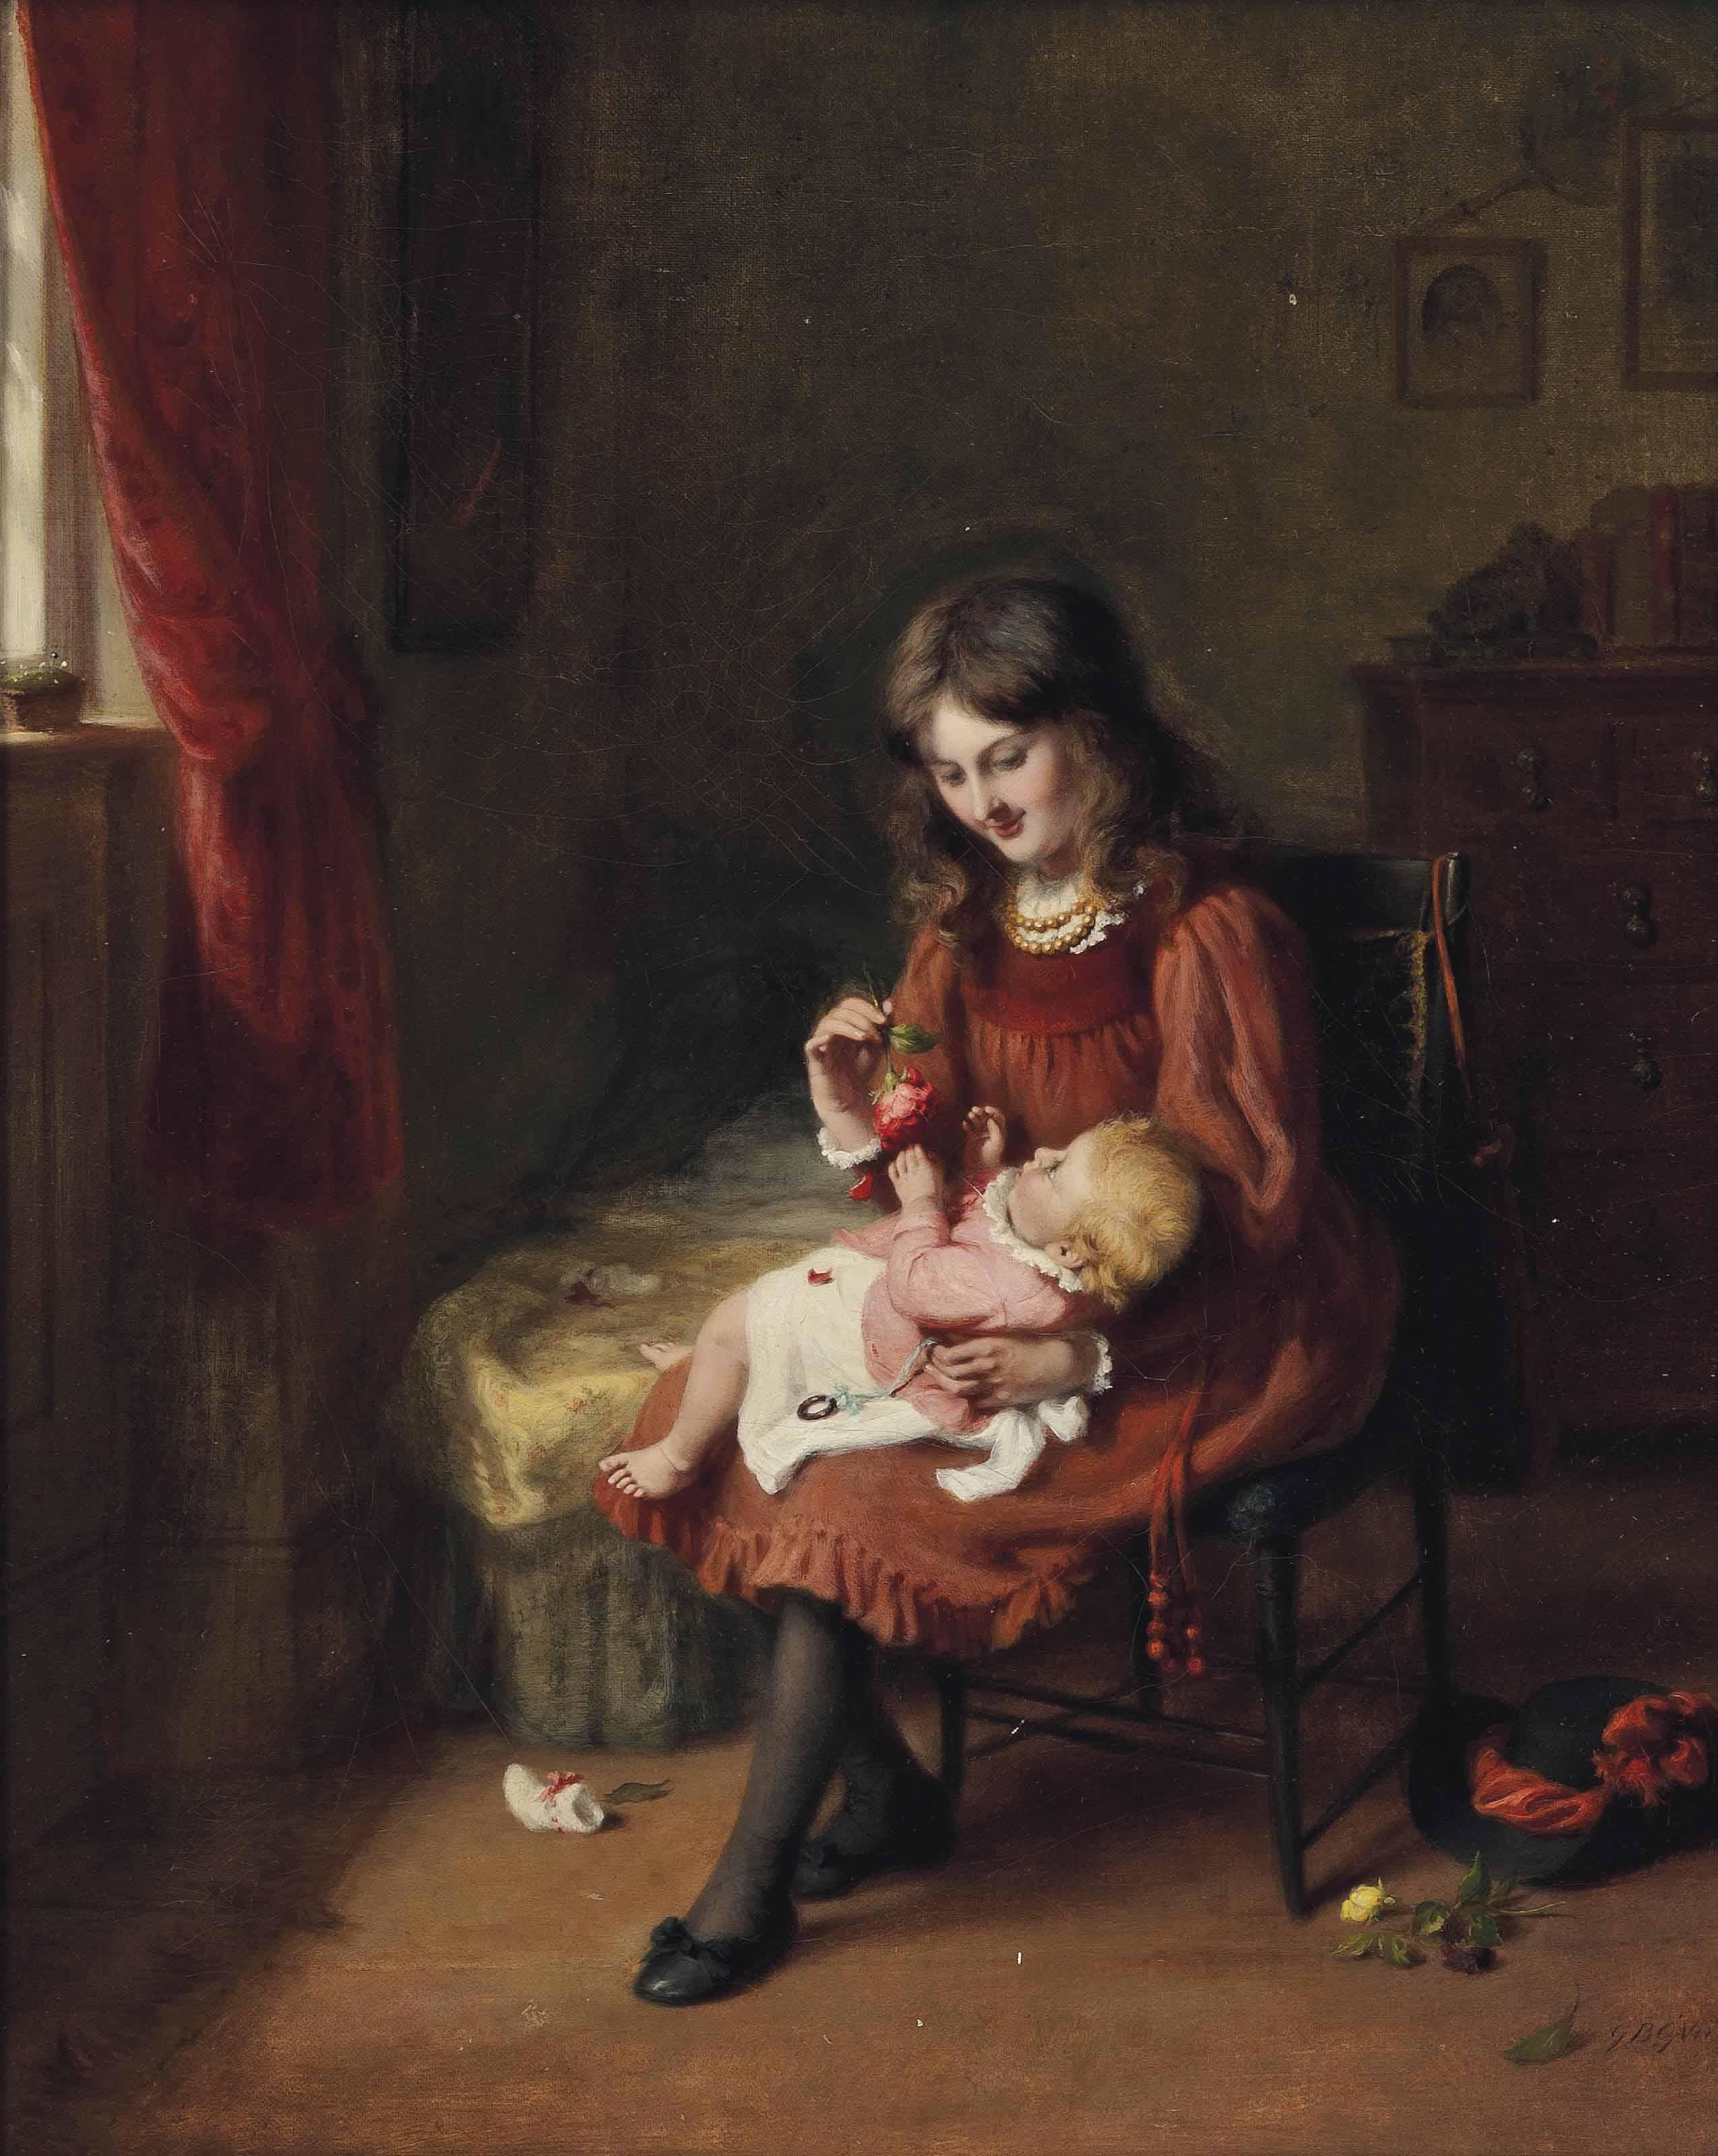 The young nurse